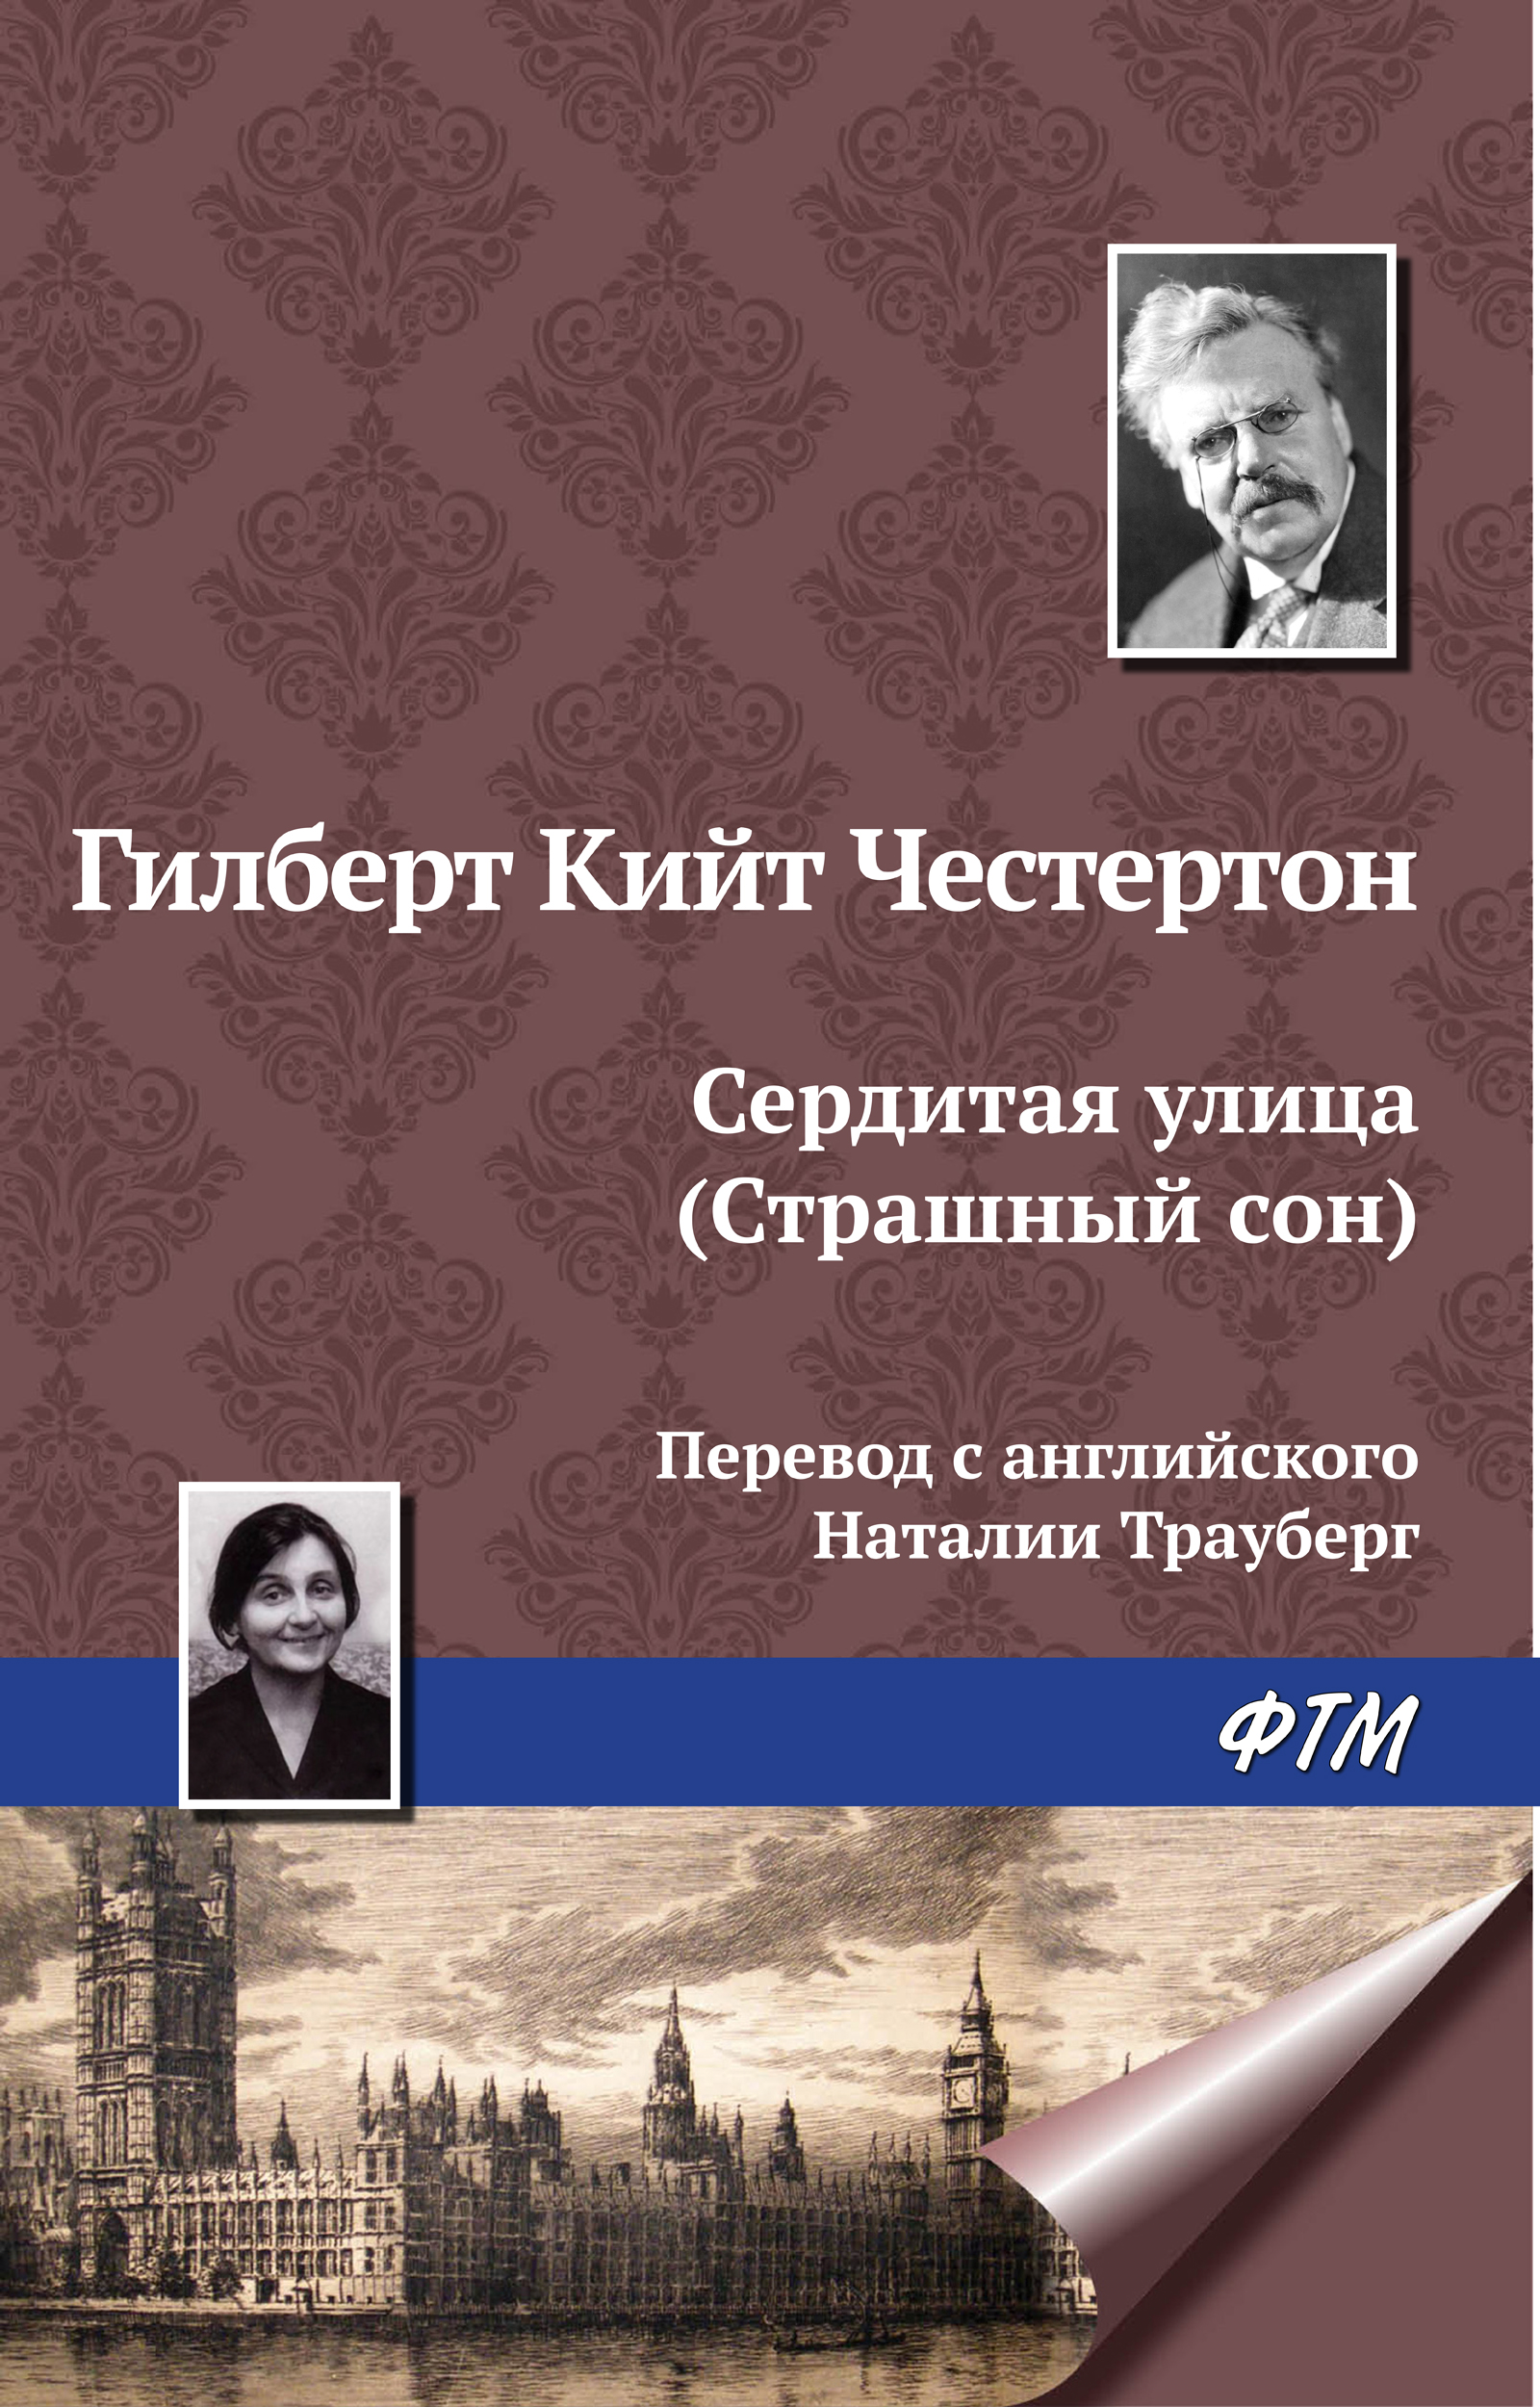 купить Гилберт Кит Честертон Сердитая улица (Страшный сон) по цене 19 рублей